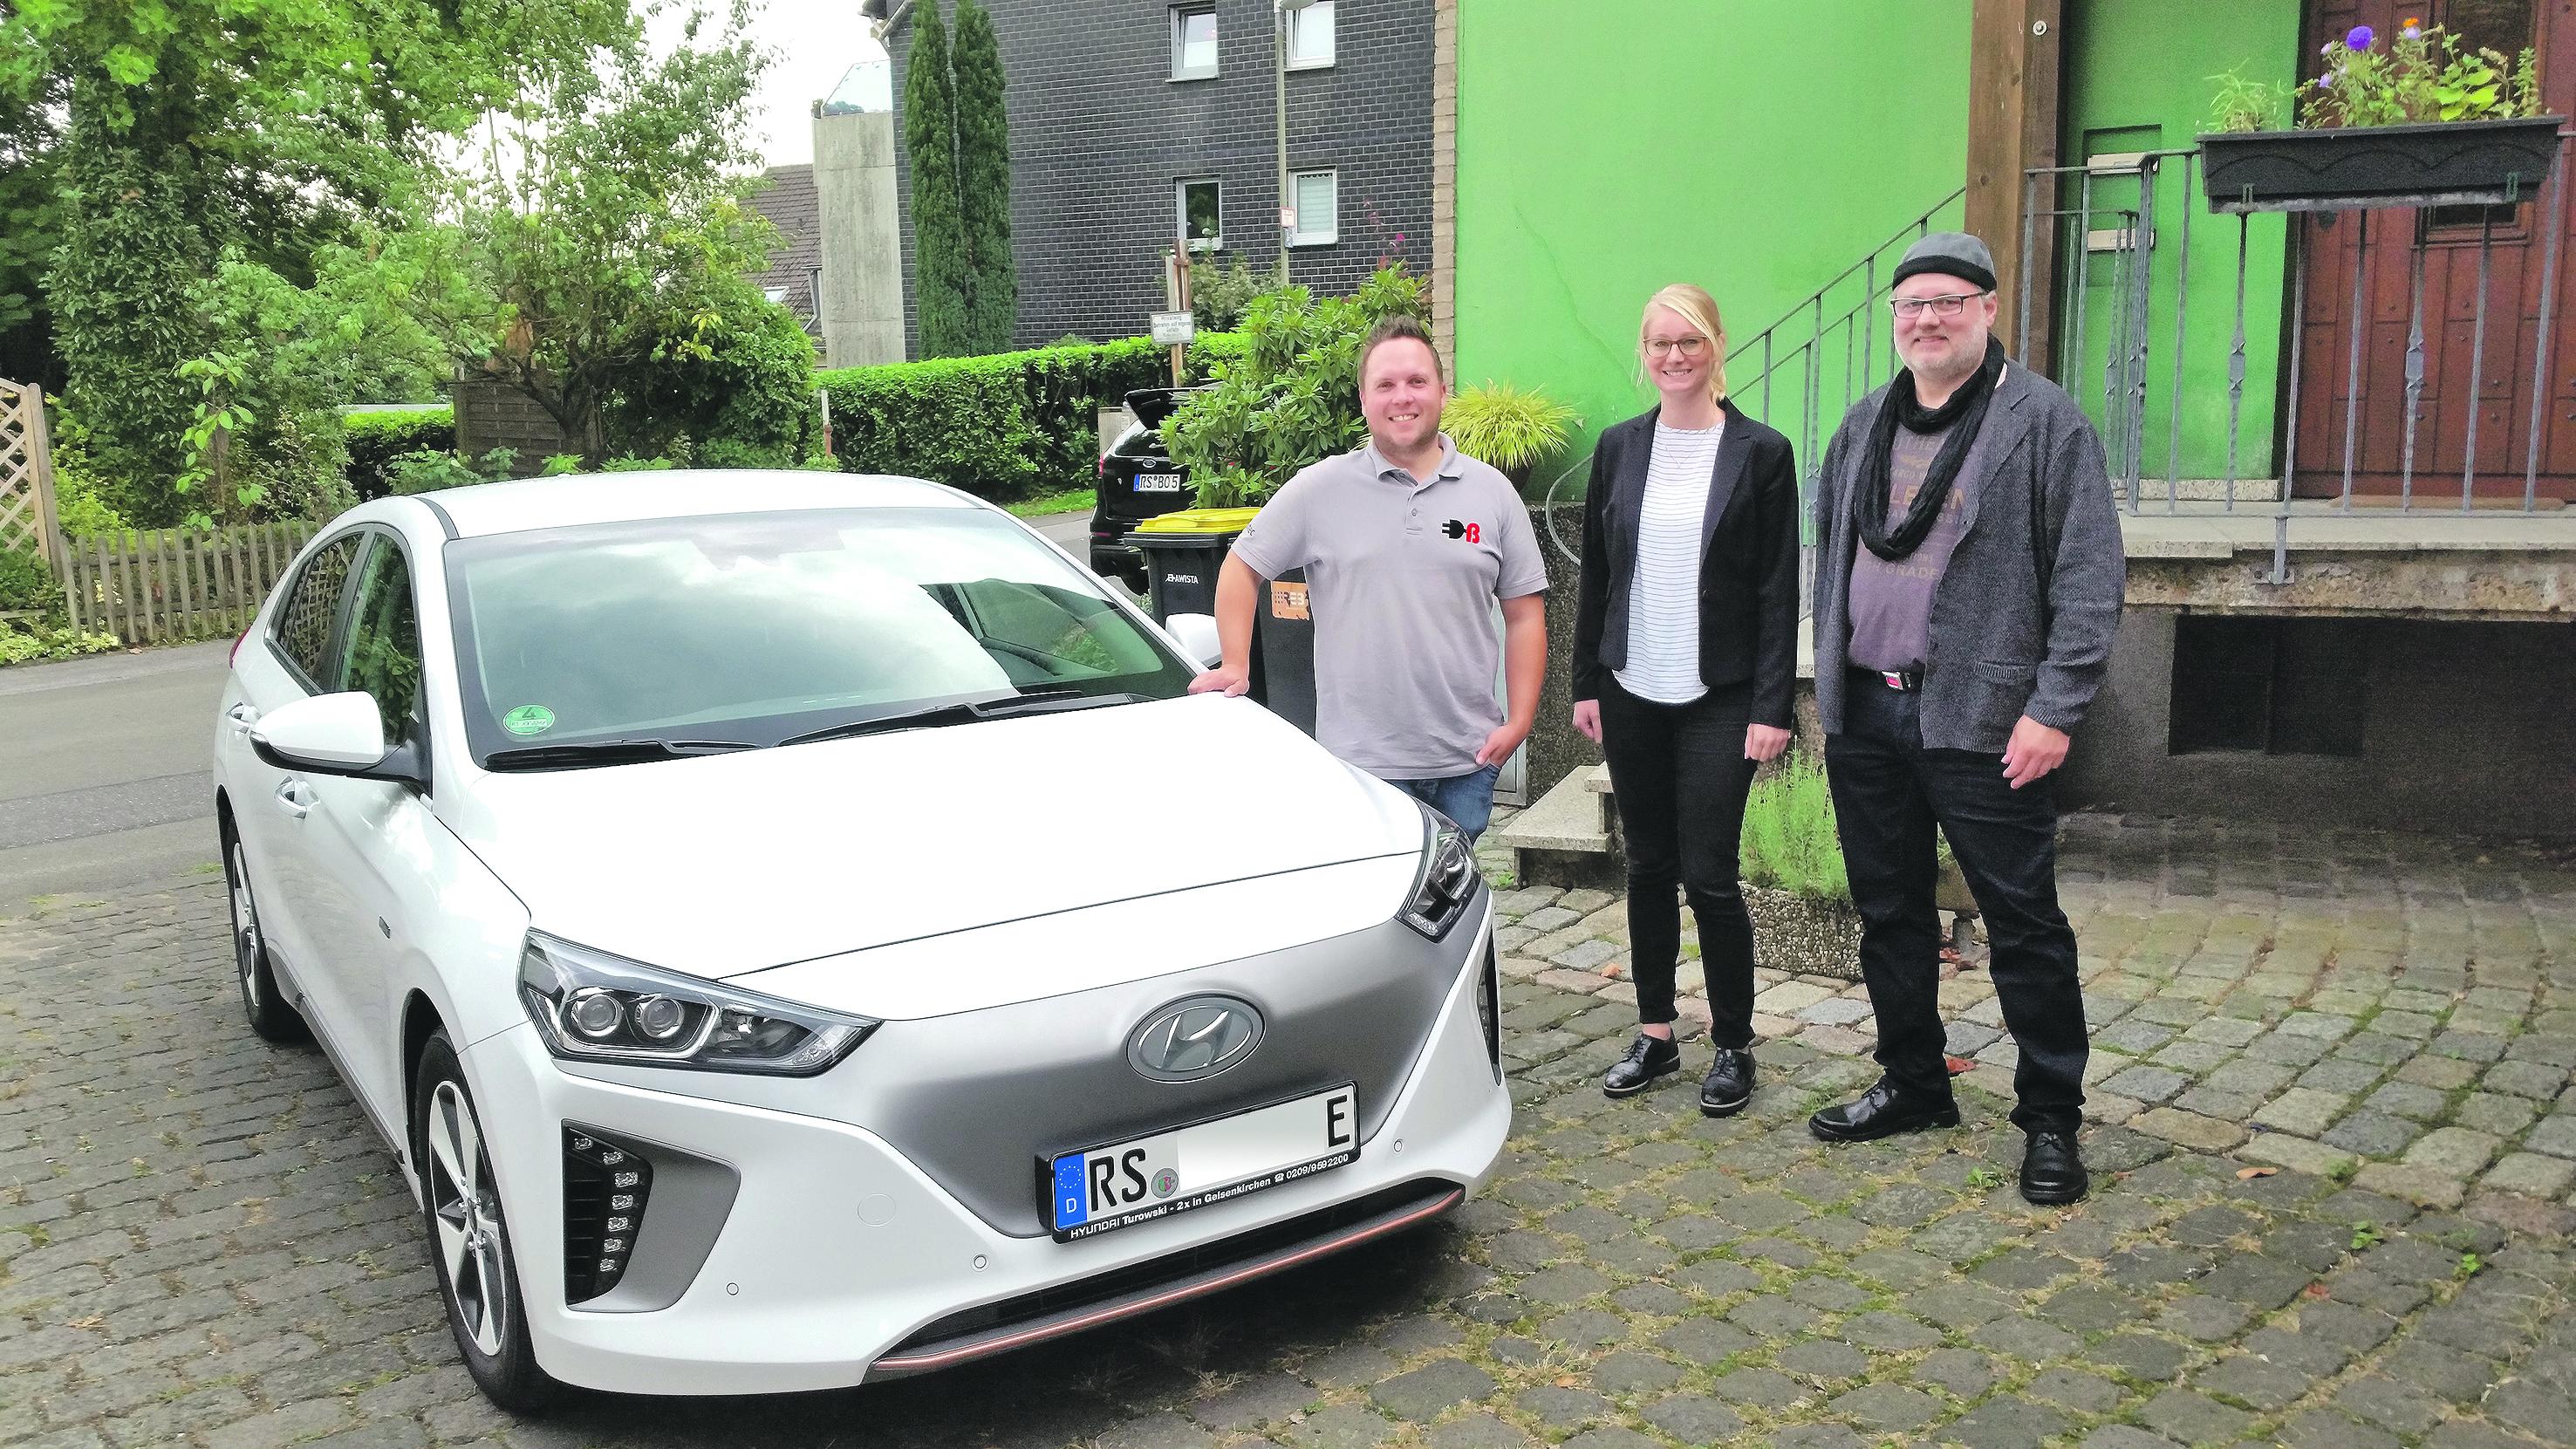 Kevin Bornewasser (emobitec), Maren Koppelberg (EWR) und der erste Besitzer einer EWR-Wallbox zum Laden von E-Autos in der heimischen Garage Stefan Zwanzig-Müller vor einem reinen E-Automobil. Foto: Sascha von Gerishem